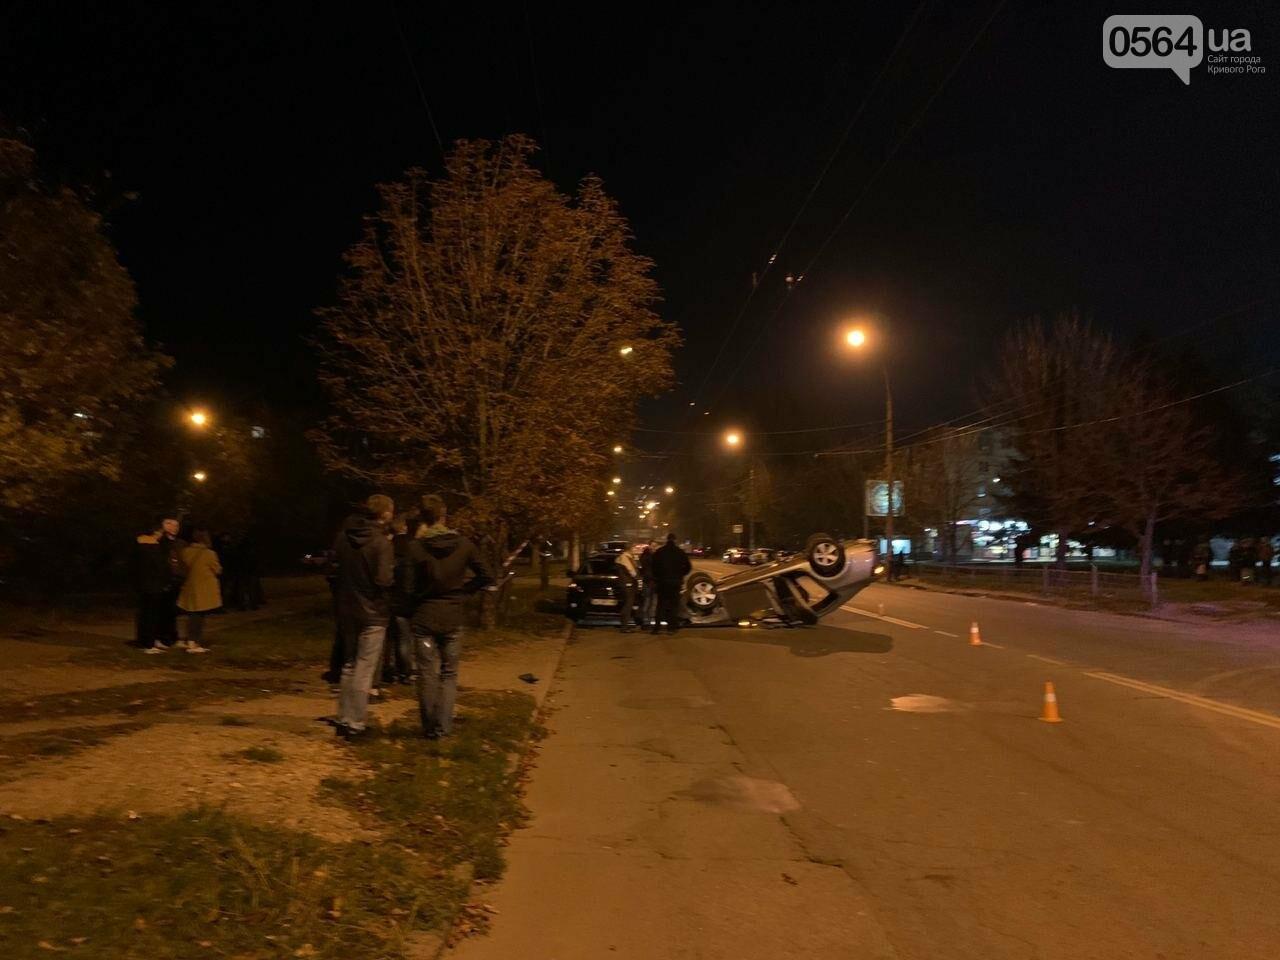 """В Кривом Роге """"Skoda"""" влетела в припаркованный автомобиль """"Peugeot"""" и перевернулась на крышу, - ФОТО, ИСПРАВЛЕНО, фото-1"""